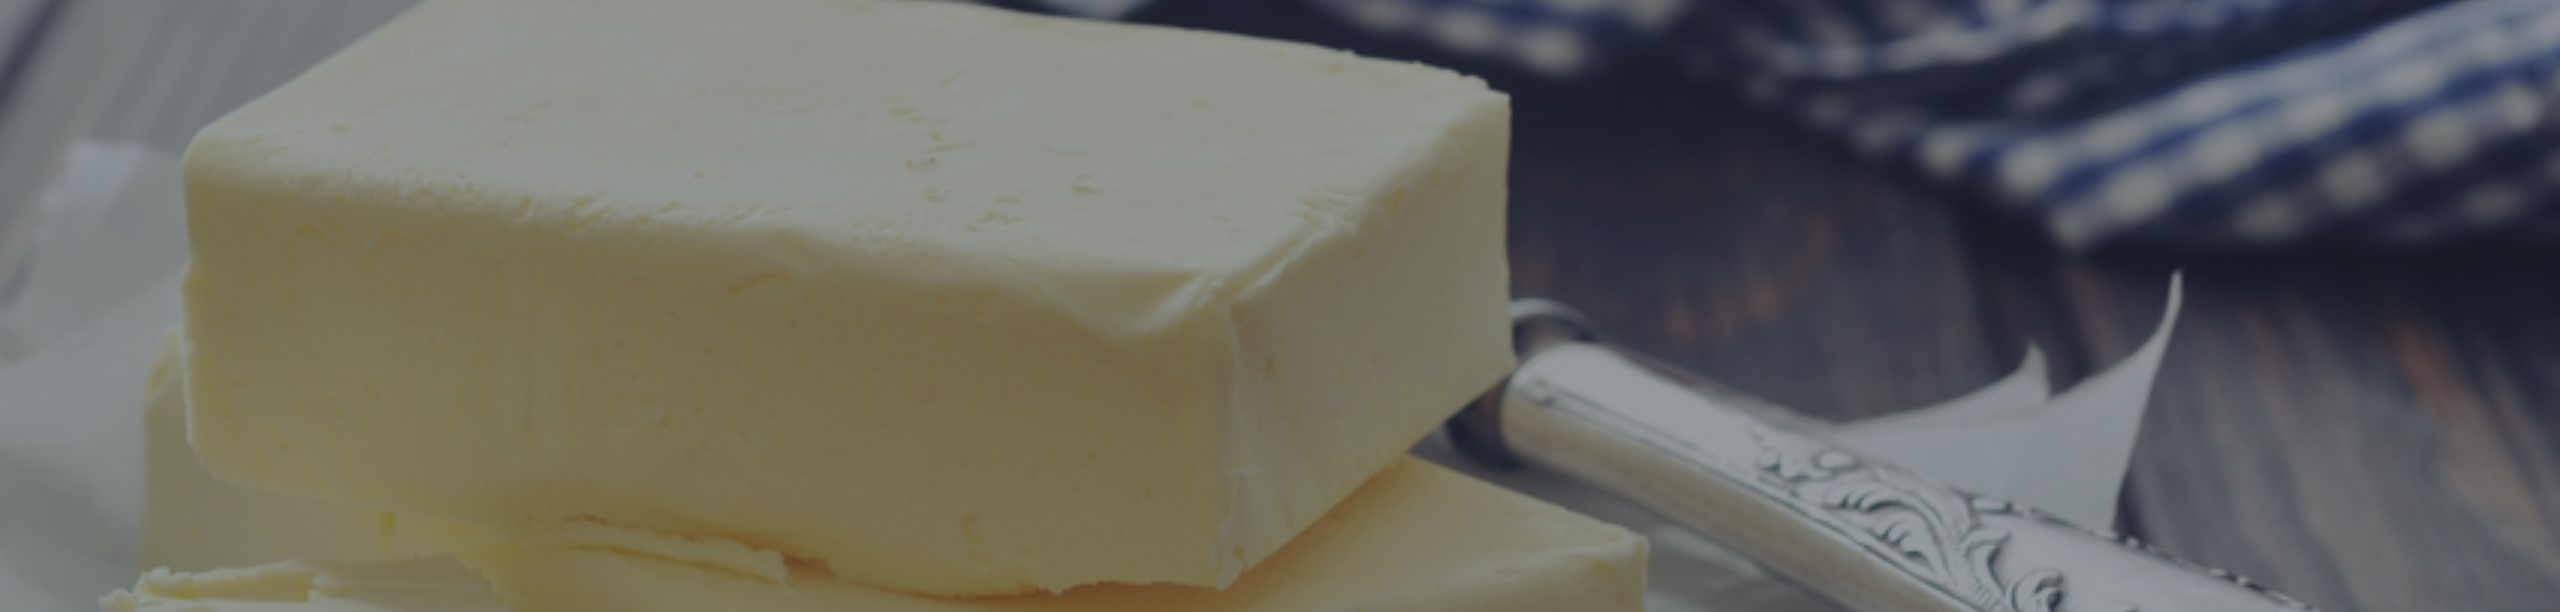 Butter1-2